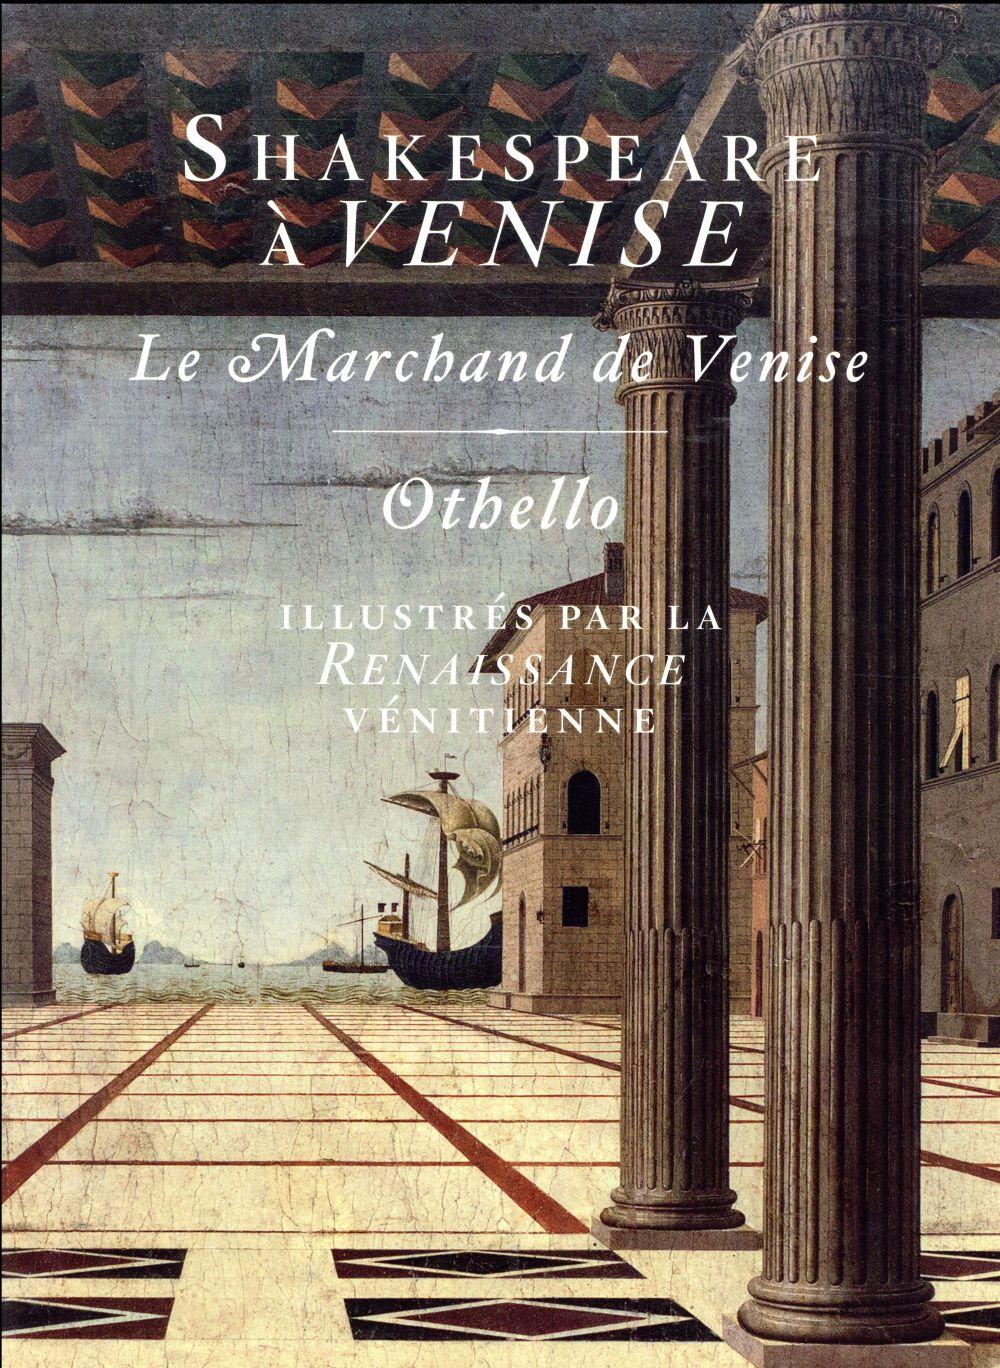 SHAKESPEARE A VENISE - LE MARCHAND DE VENIS E ET OTHELLO ILLUSTRES PAR LA RENAISSANCE V